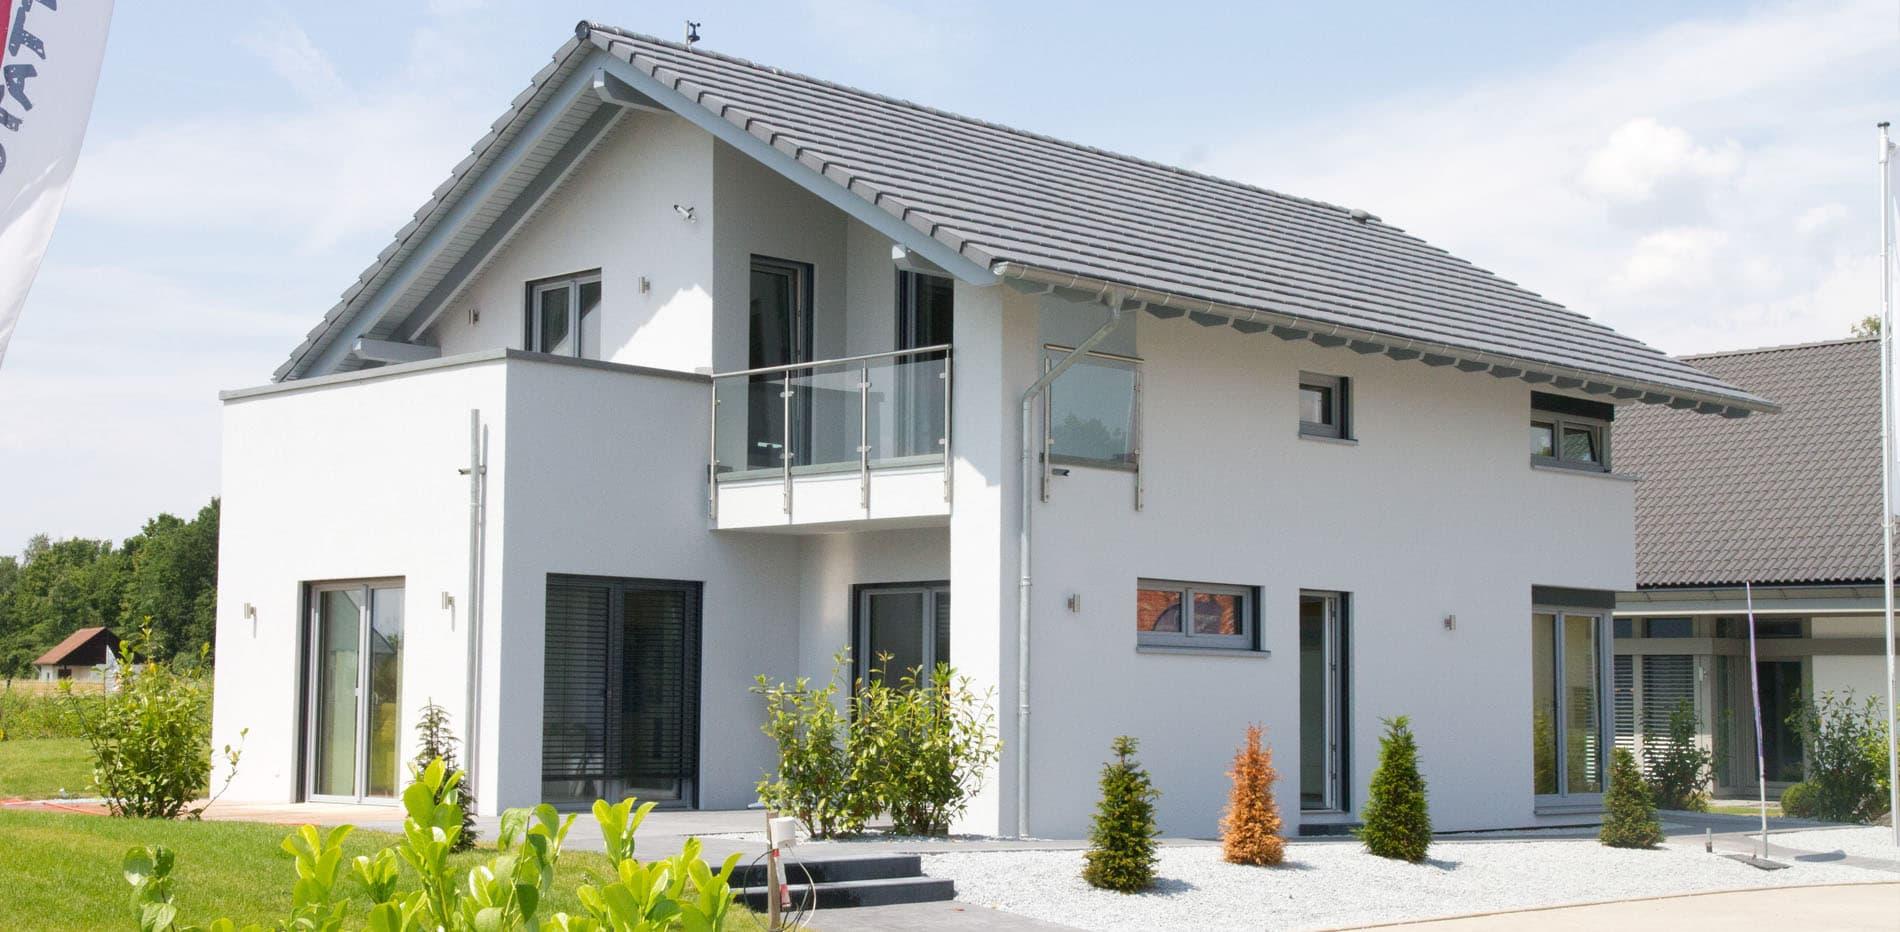 allkauf haus musterhaus n rnberg. Black Bedroom Furniture Sets. Home Design Ideas